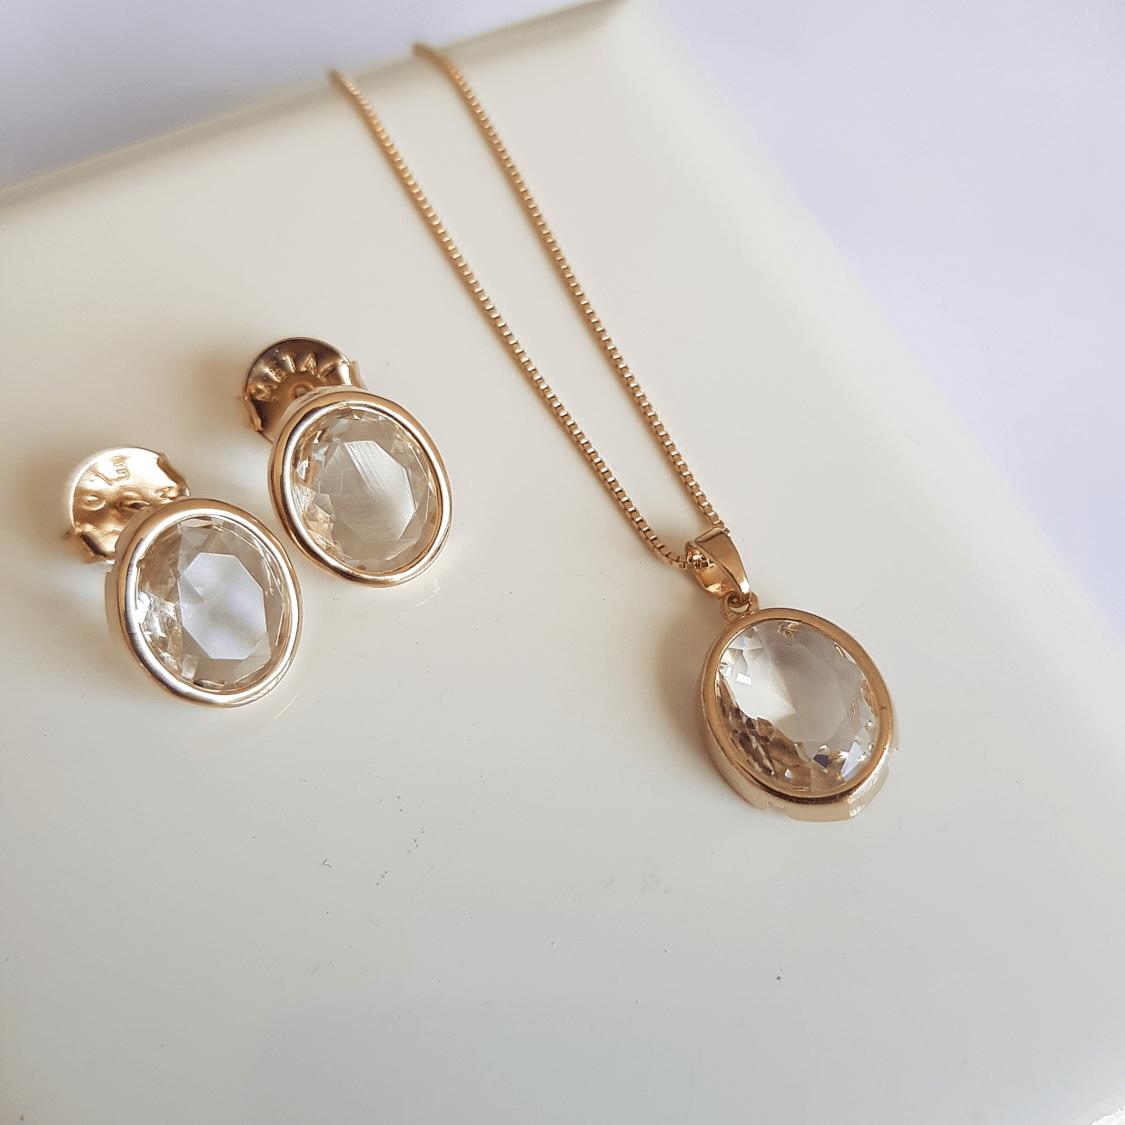 conjunto Daily cristal white oval - colar e brinco